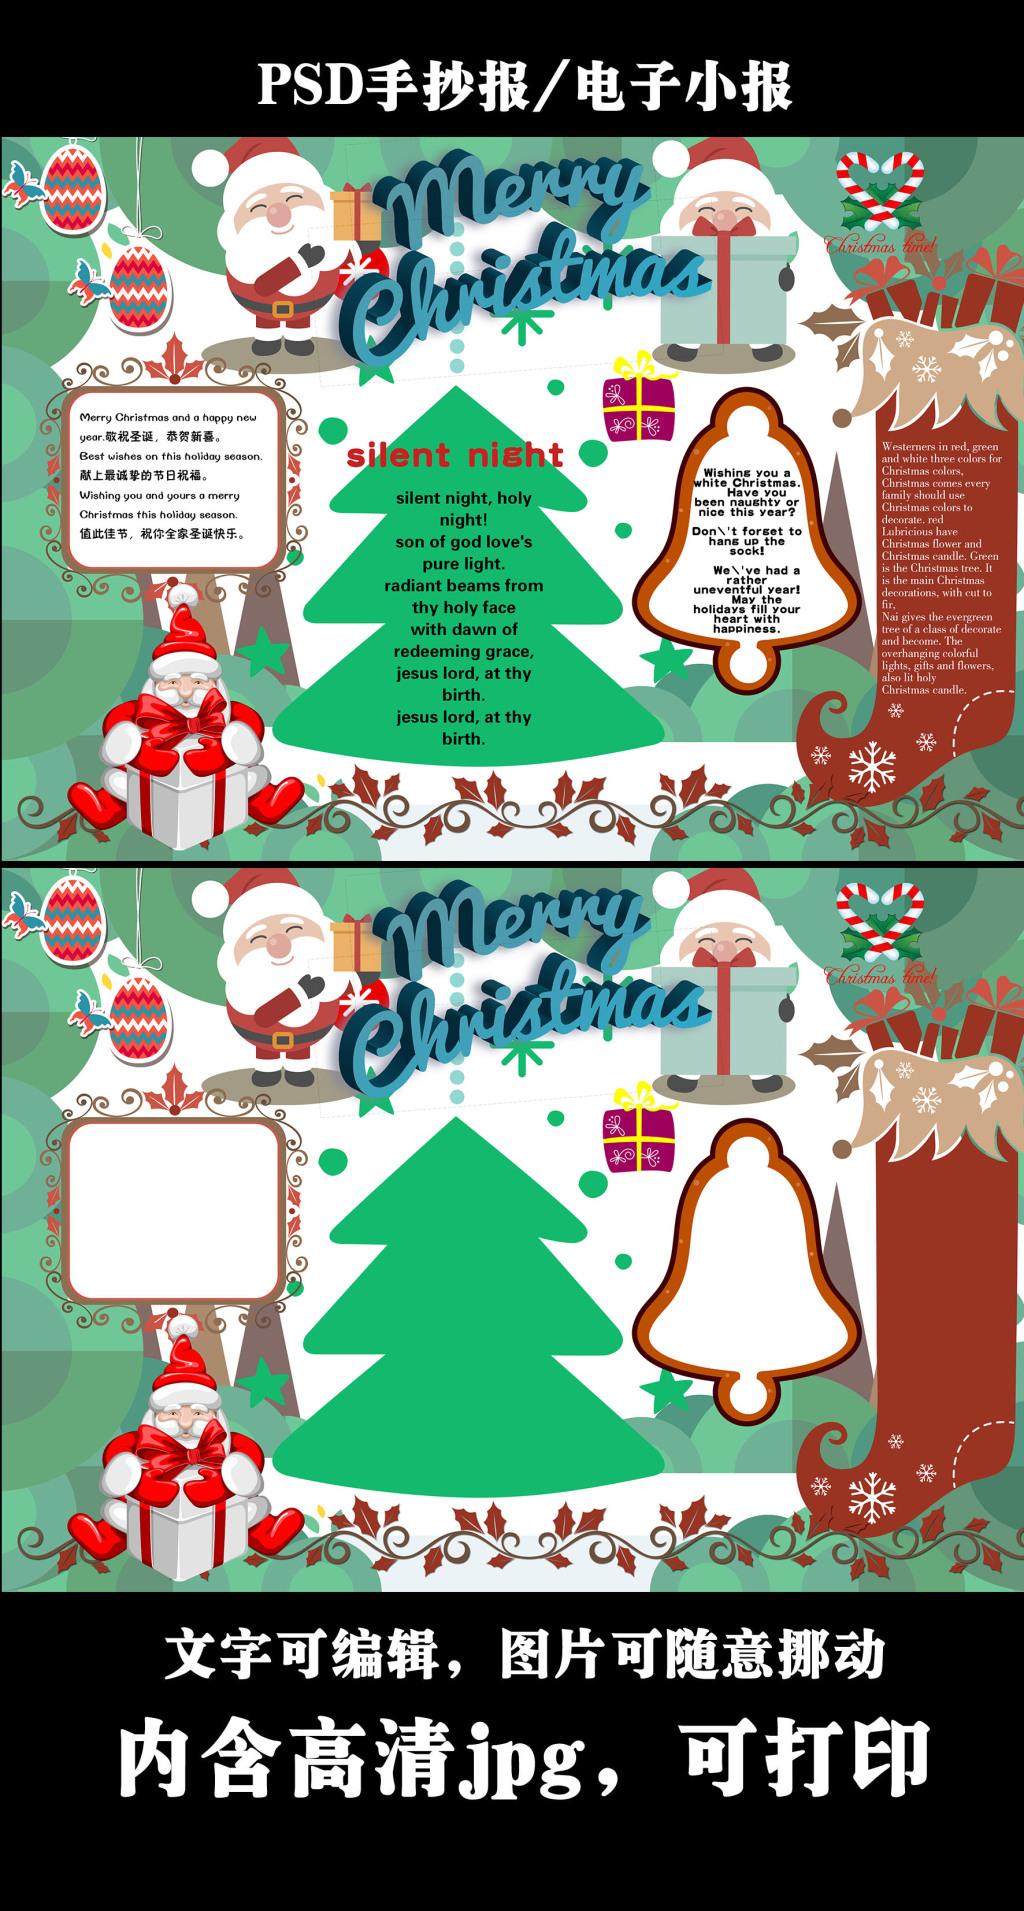 手抄报 小报 节日手抄报 圣诞节手抄报 > 圣诞节英文手抄报   图片